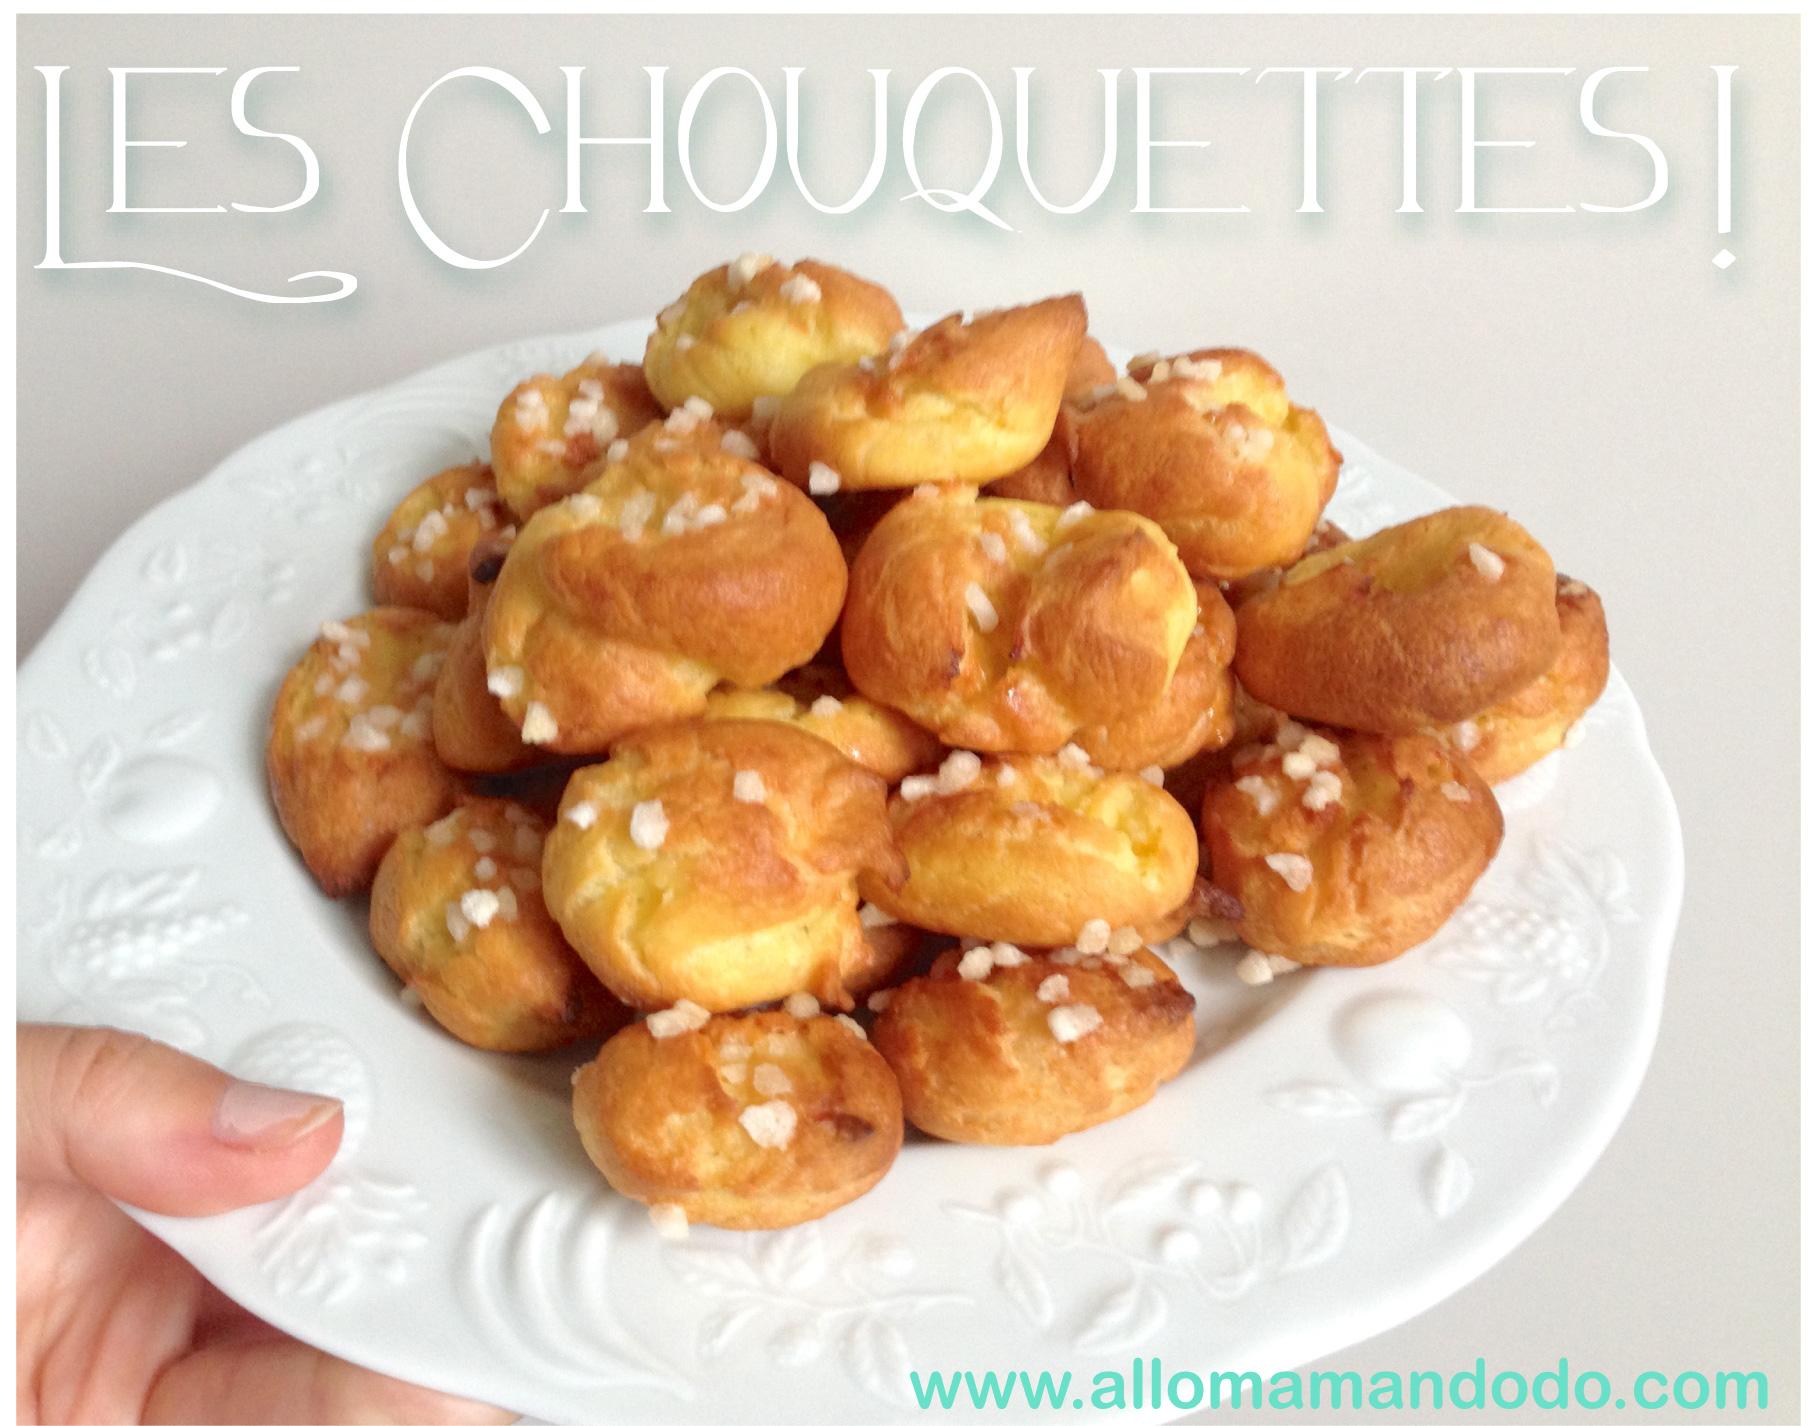 chouquettes-recette